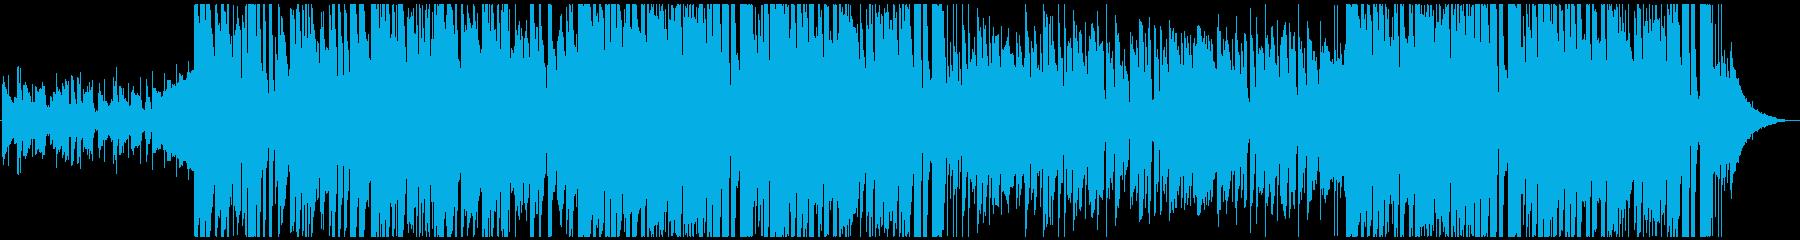 お洒落でアニメなkawaii popの再生済みの波形